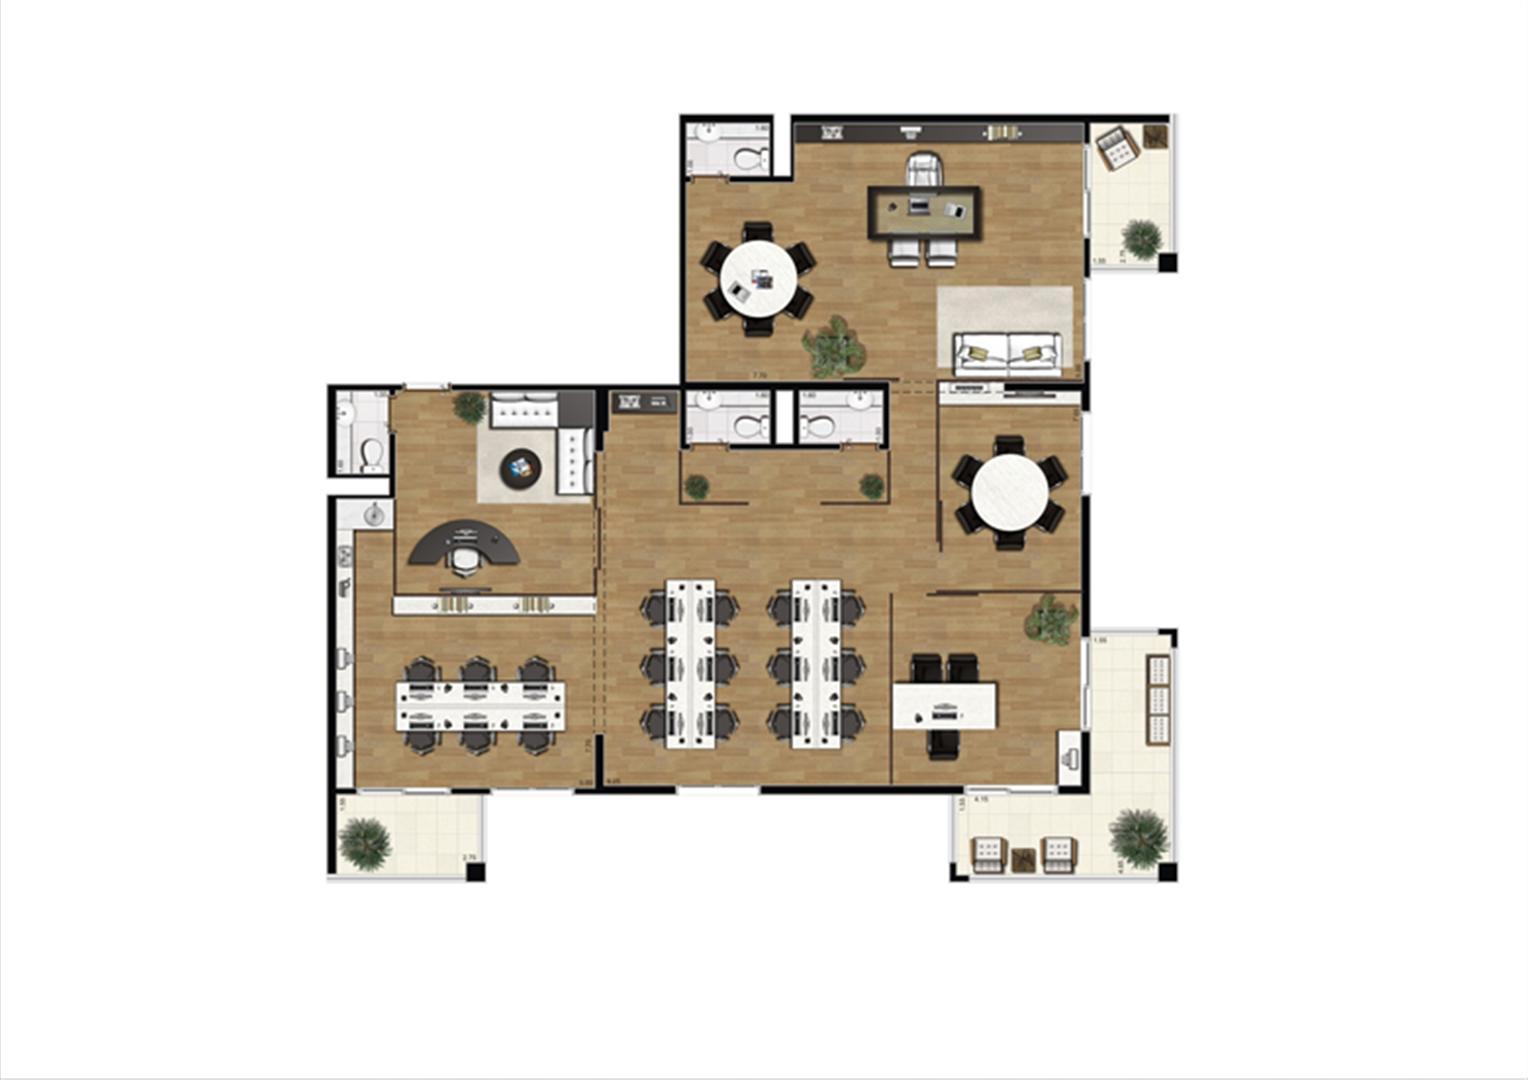 Planta sugestão de junção de saletas de 182 m²  | Luzes da Mooca - Atrio Giorno – Salas Comerciais na  Mooca - São Paulo - São Paulo